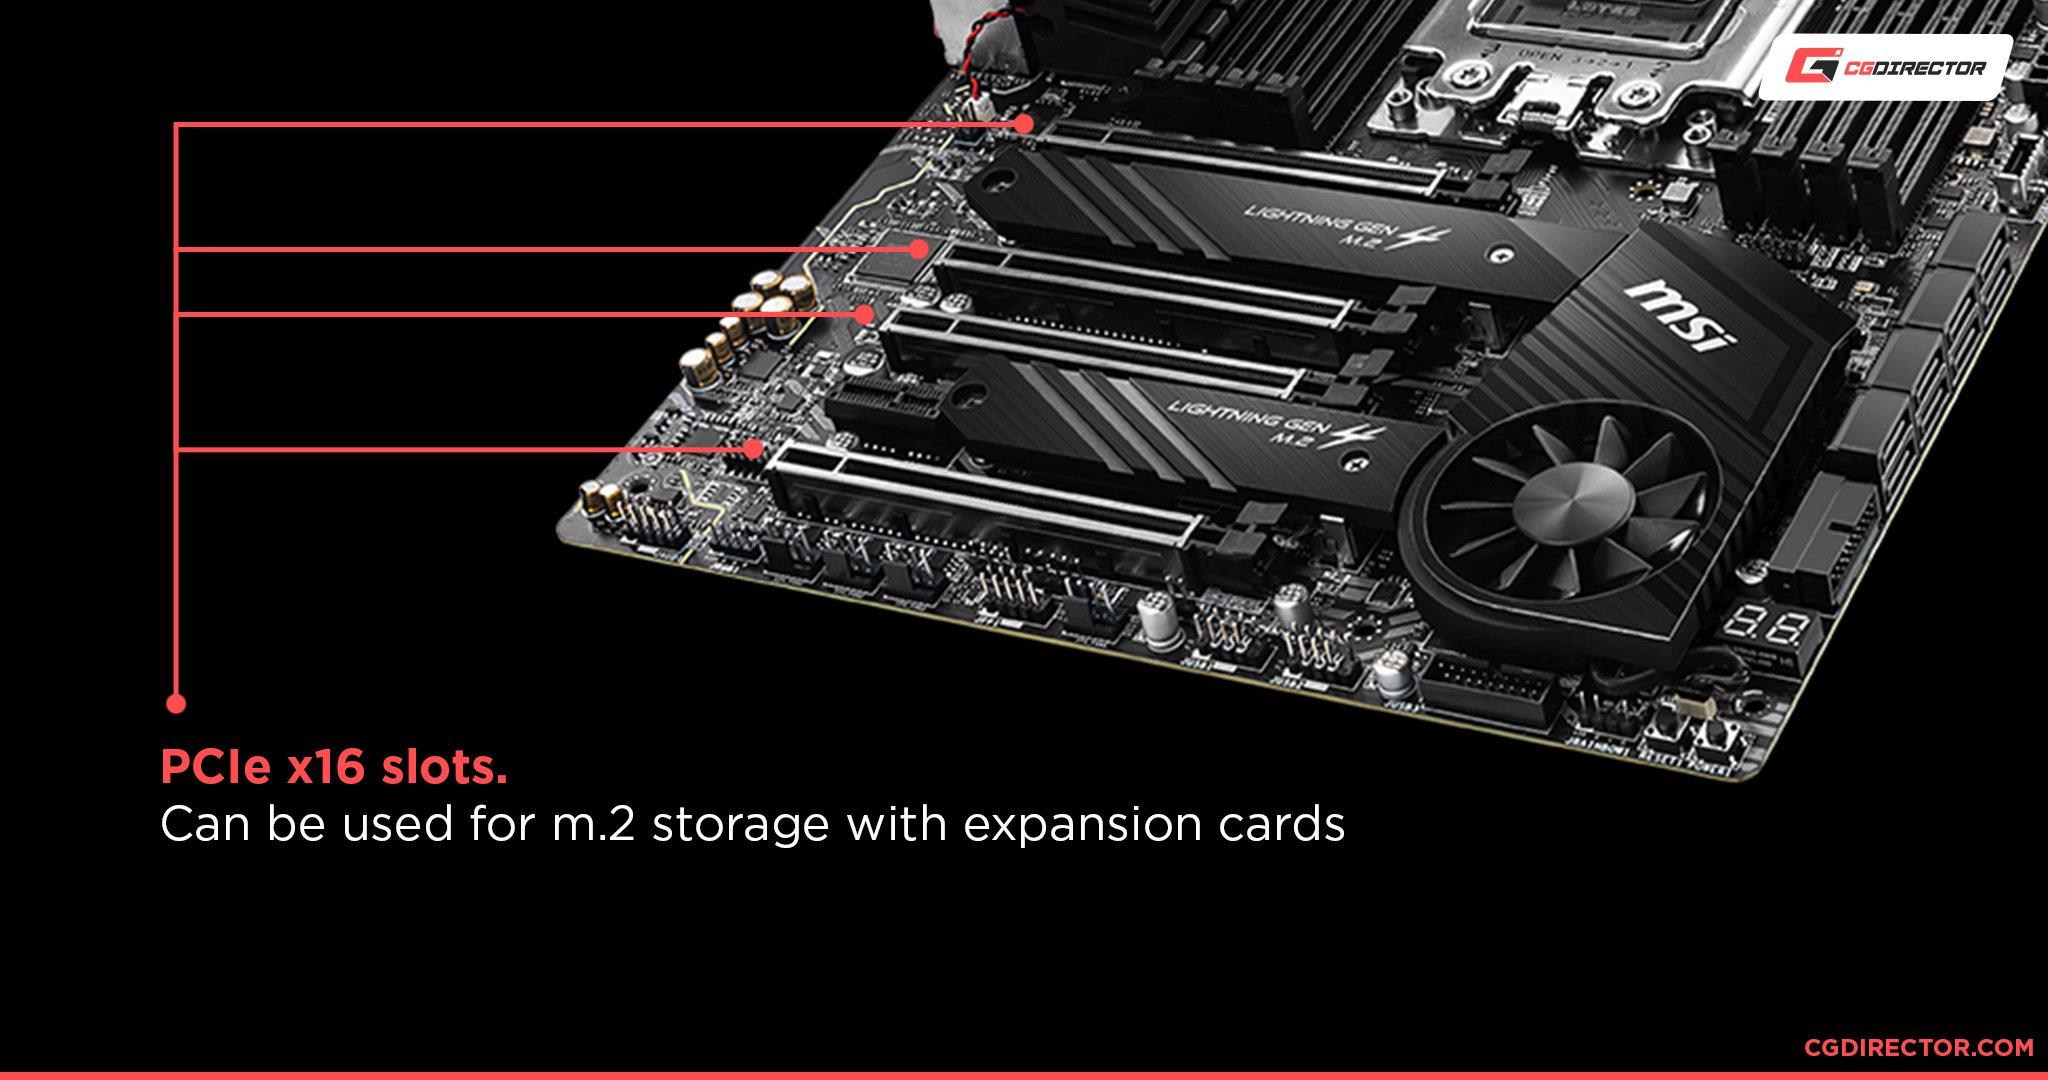 Take Advantage of Unused PCIe Slots